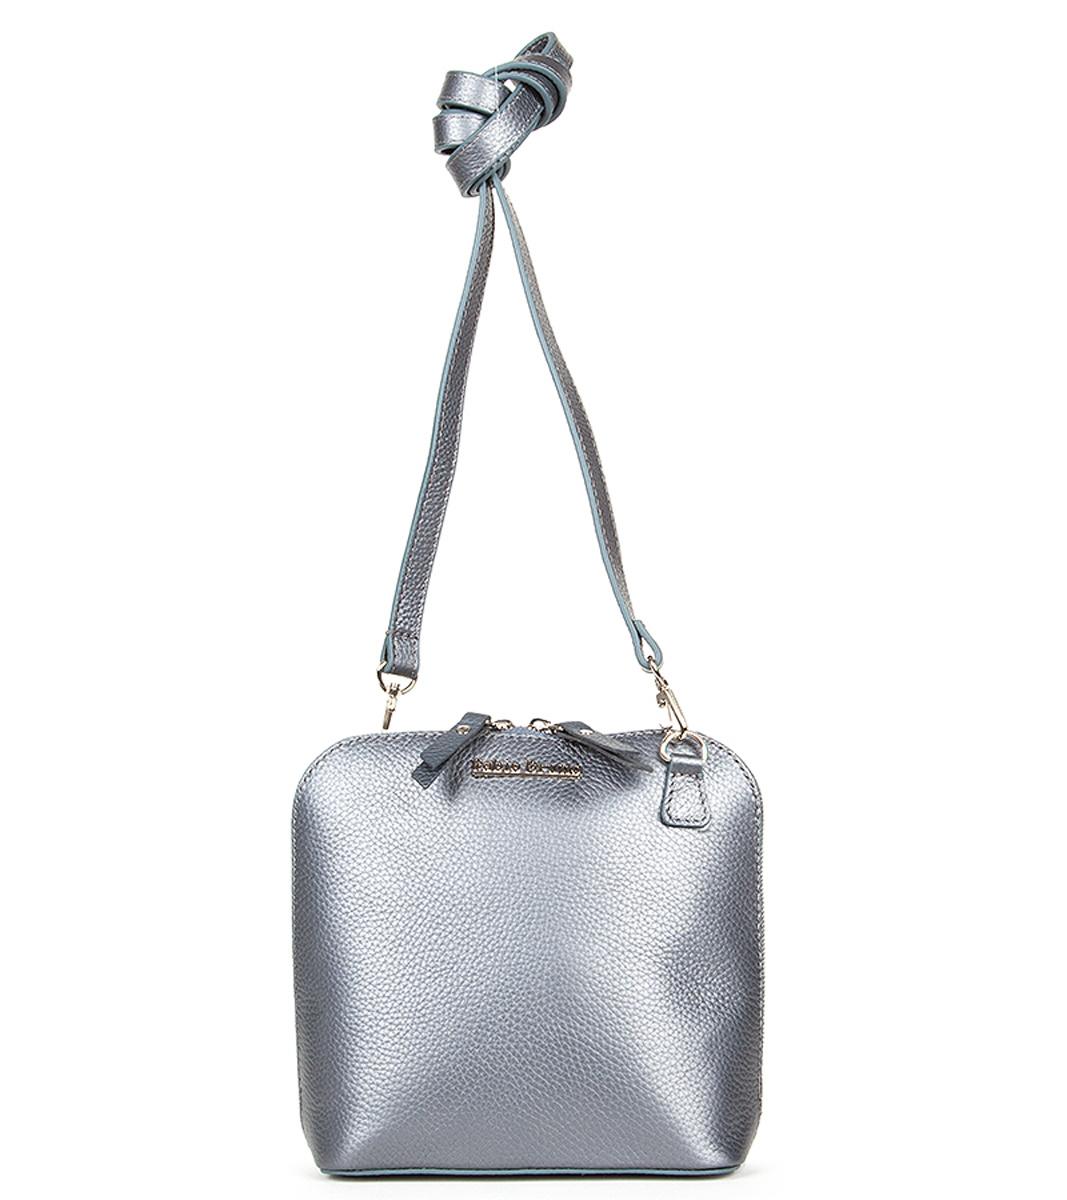 6da0128db671 Клатч женский Fabio Bruno, цвет: серый. R-0019 — купить в интернет-магазине  OZON.ru с быстрой доставкой